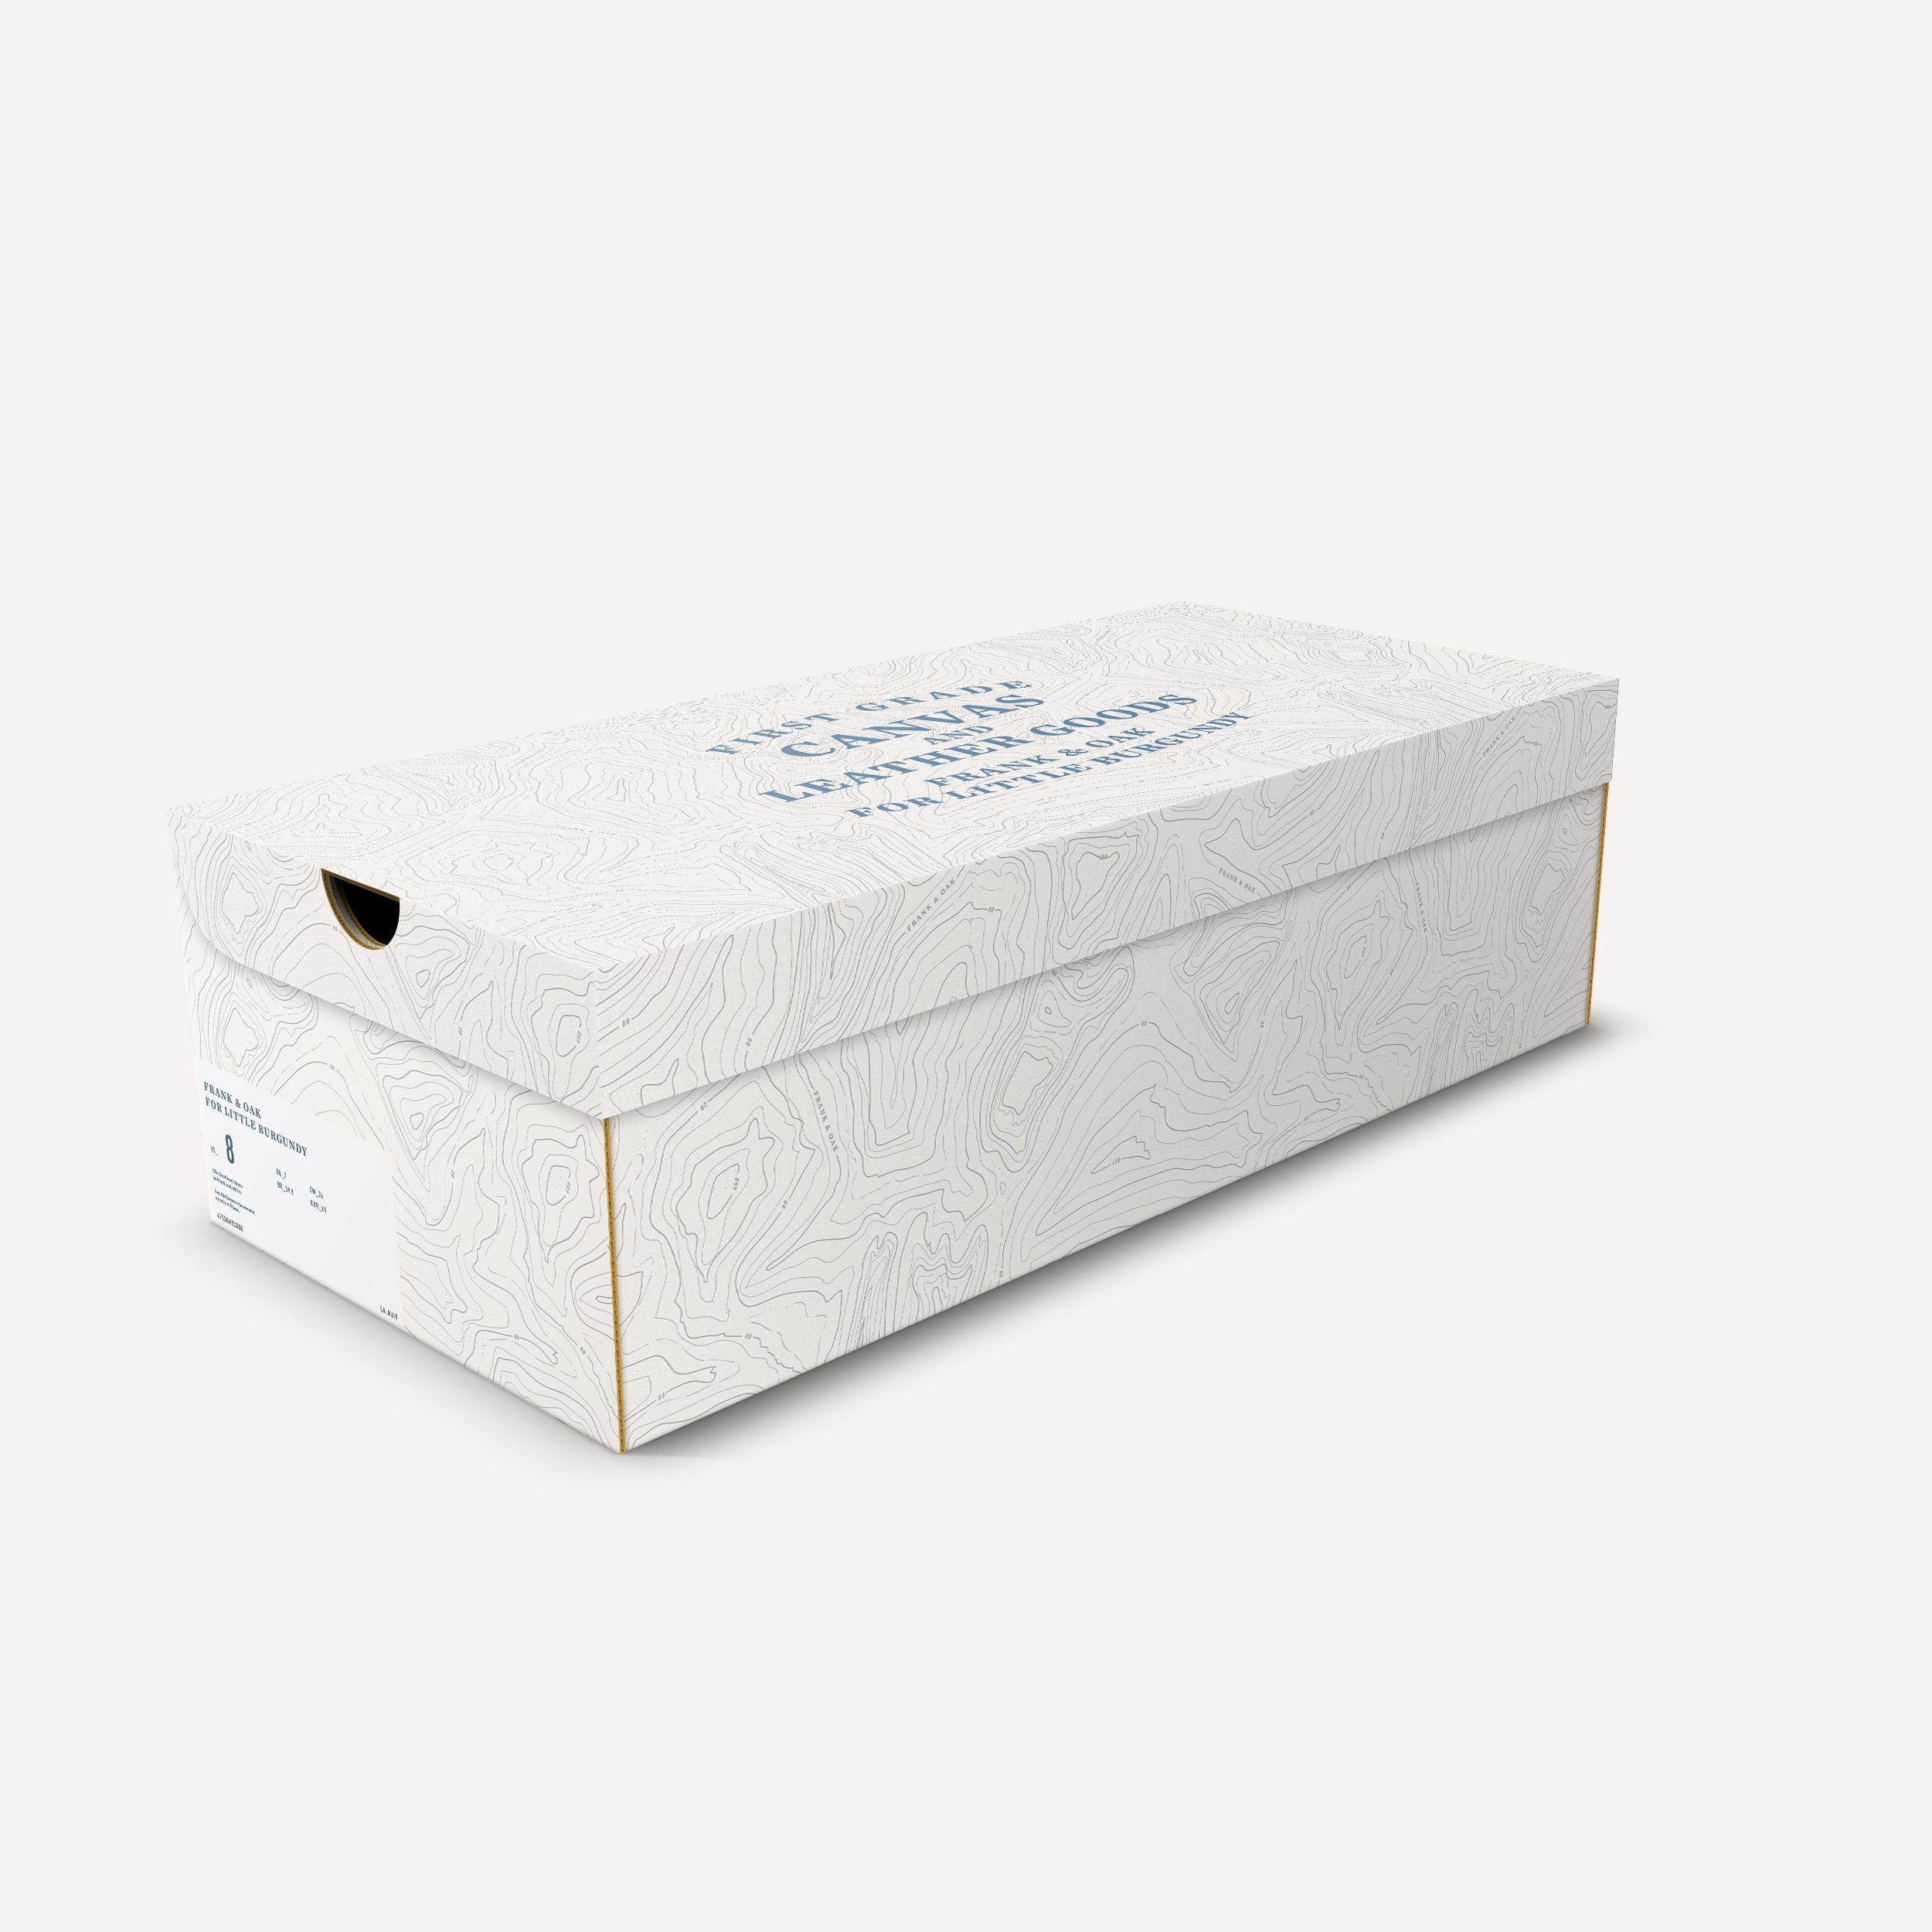 Fnolb box2